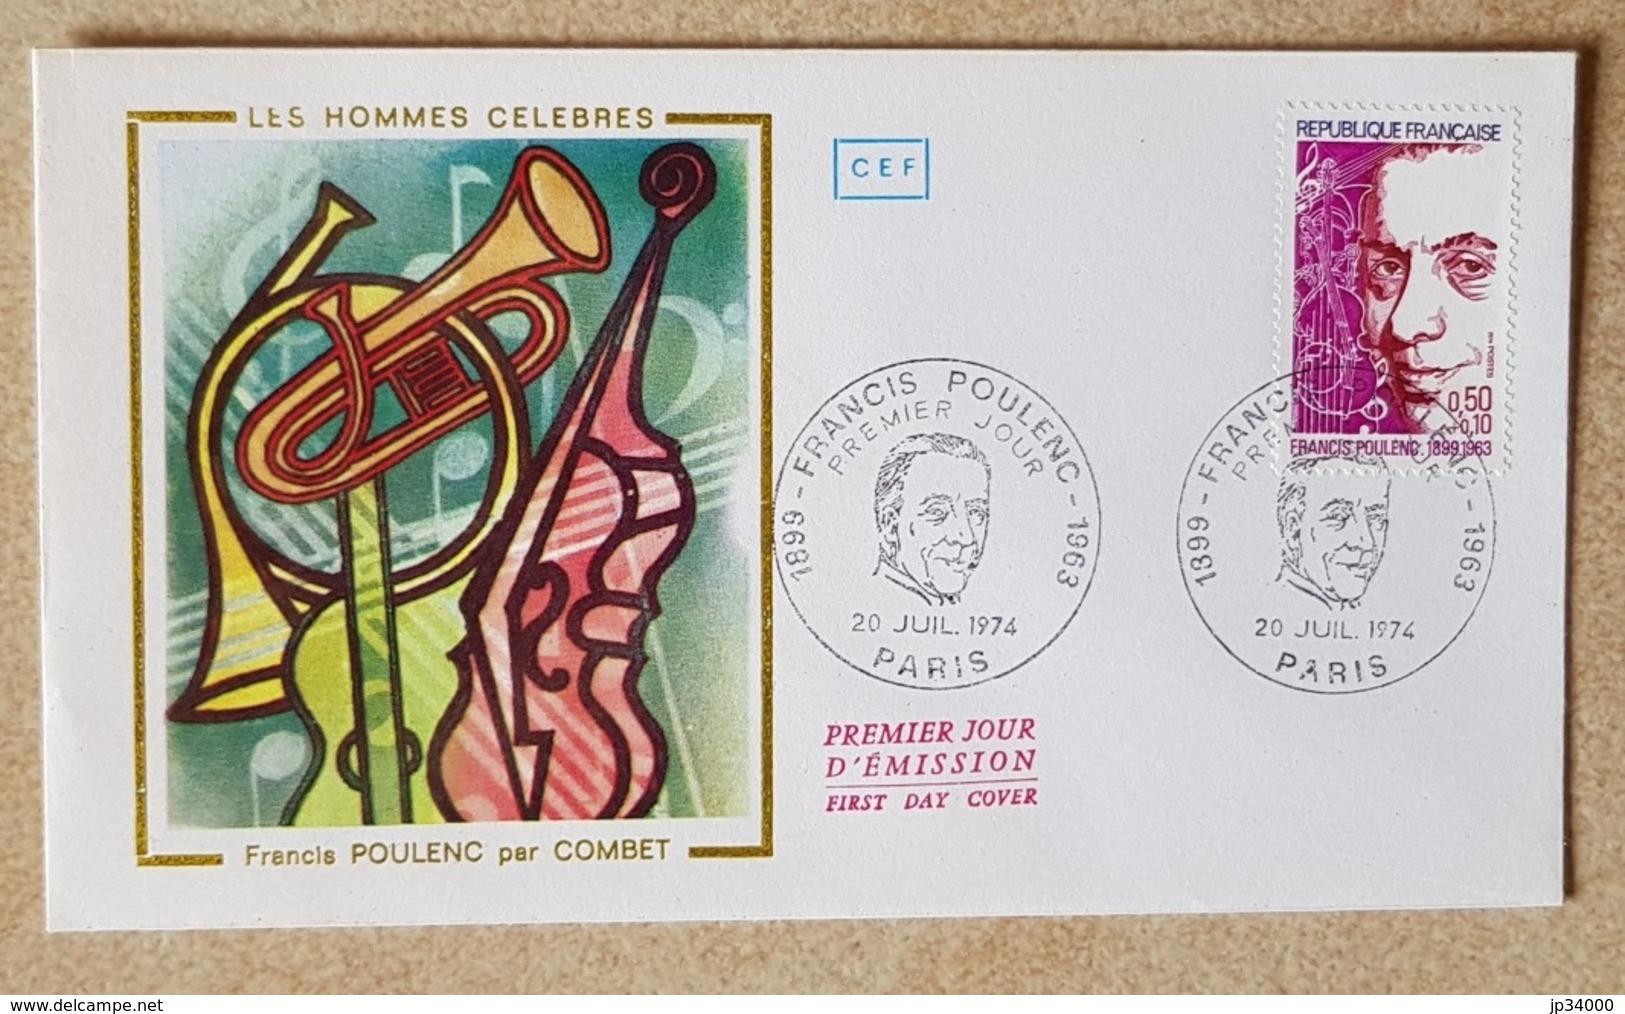 FRANCE: Musique, Musica, Music, FDC, Enveloppe Premier Jour, Francis Poulenc. Yvert N° 1785 - Musik